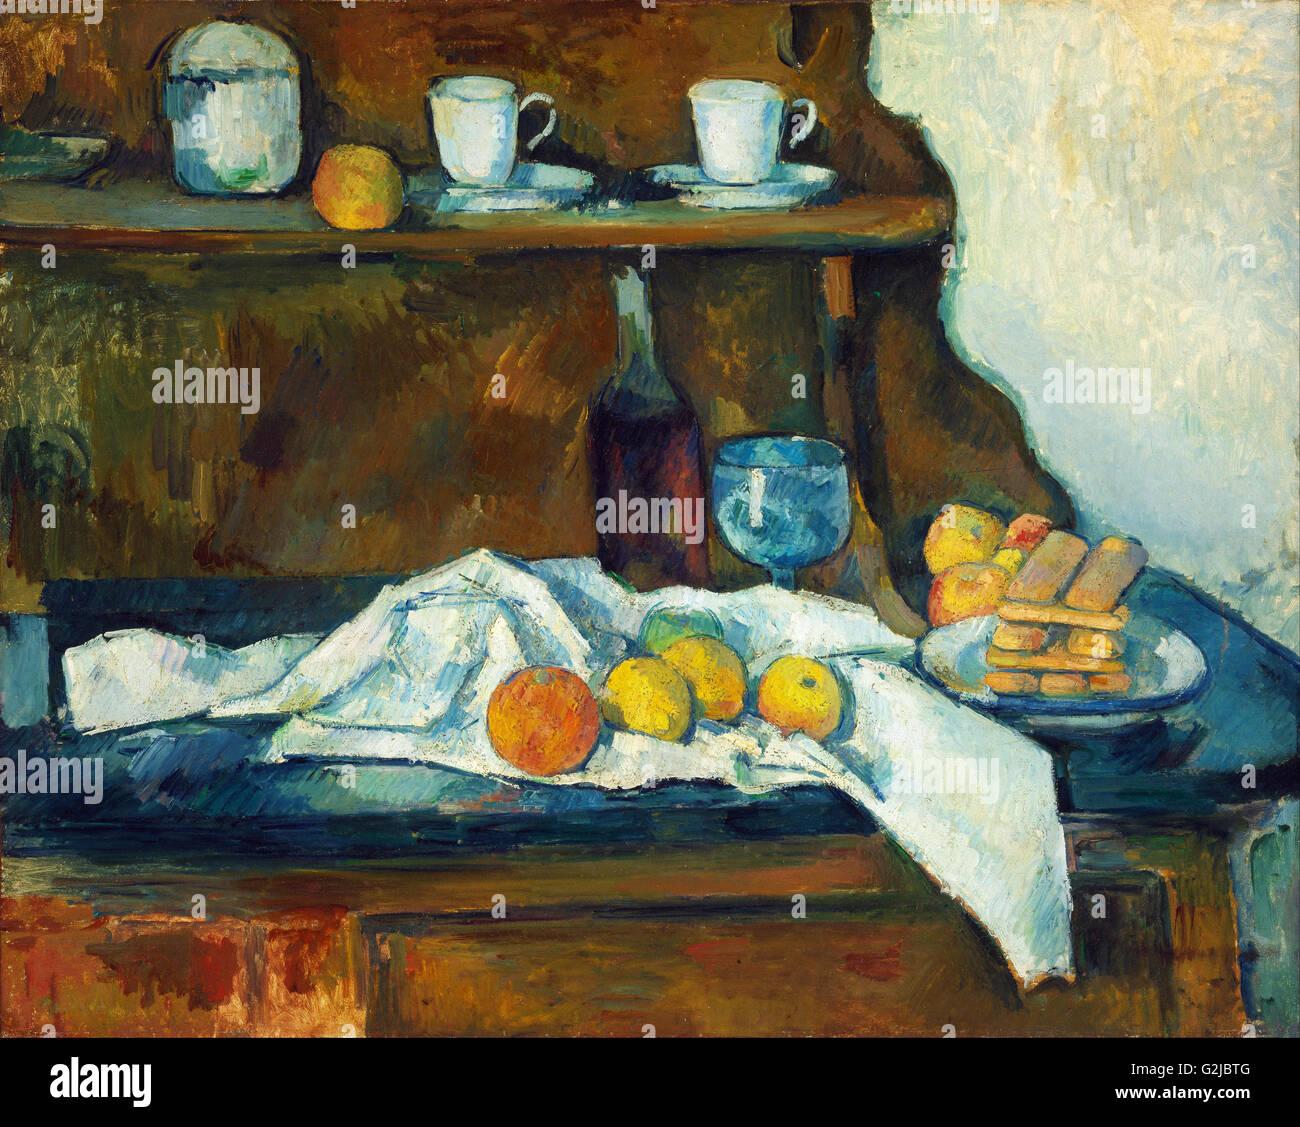 Paul Cézanne - Le Buffet - Musée des beaux-arts, Budapest Photo Stock